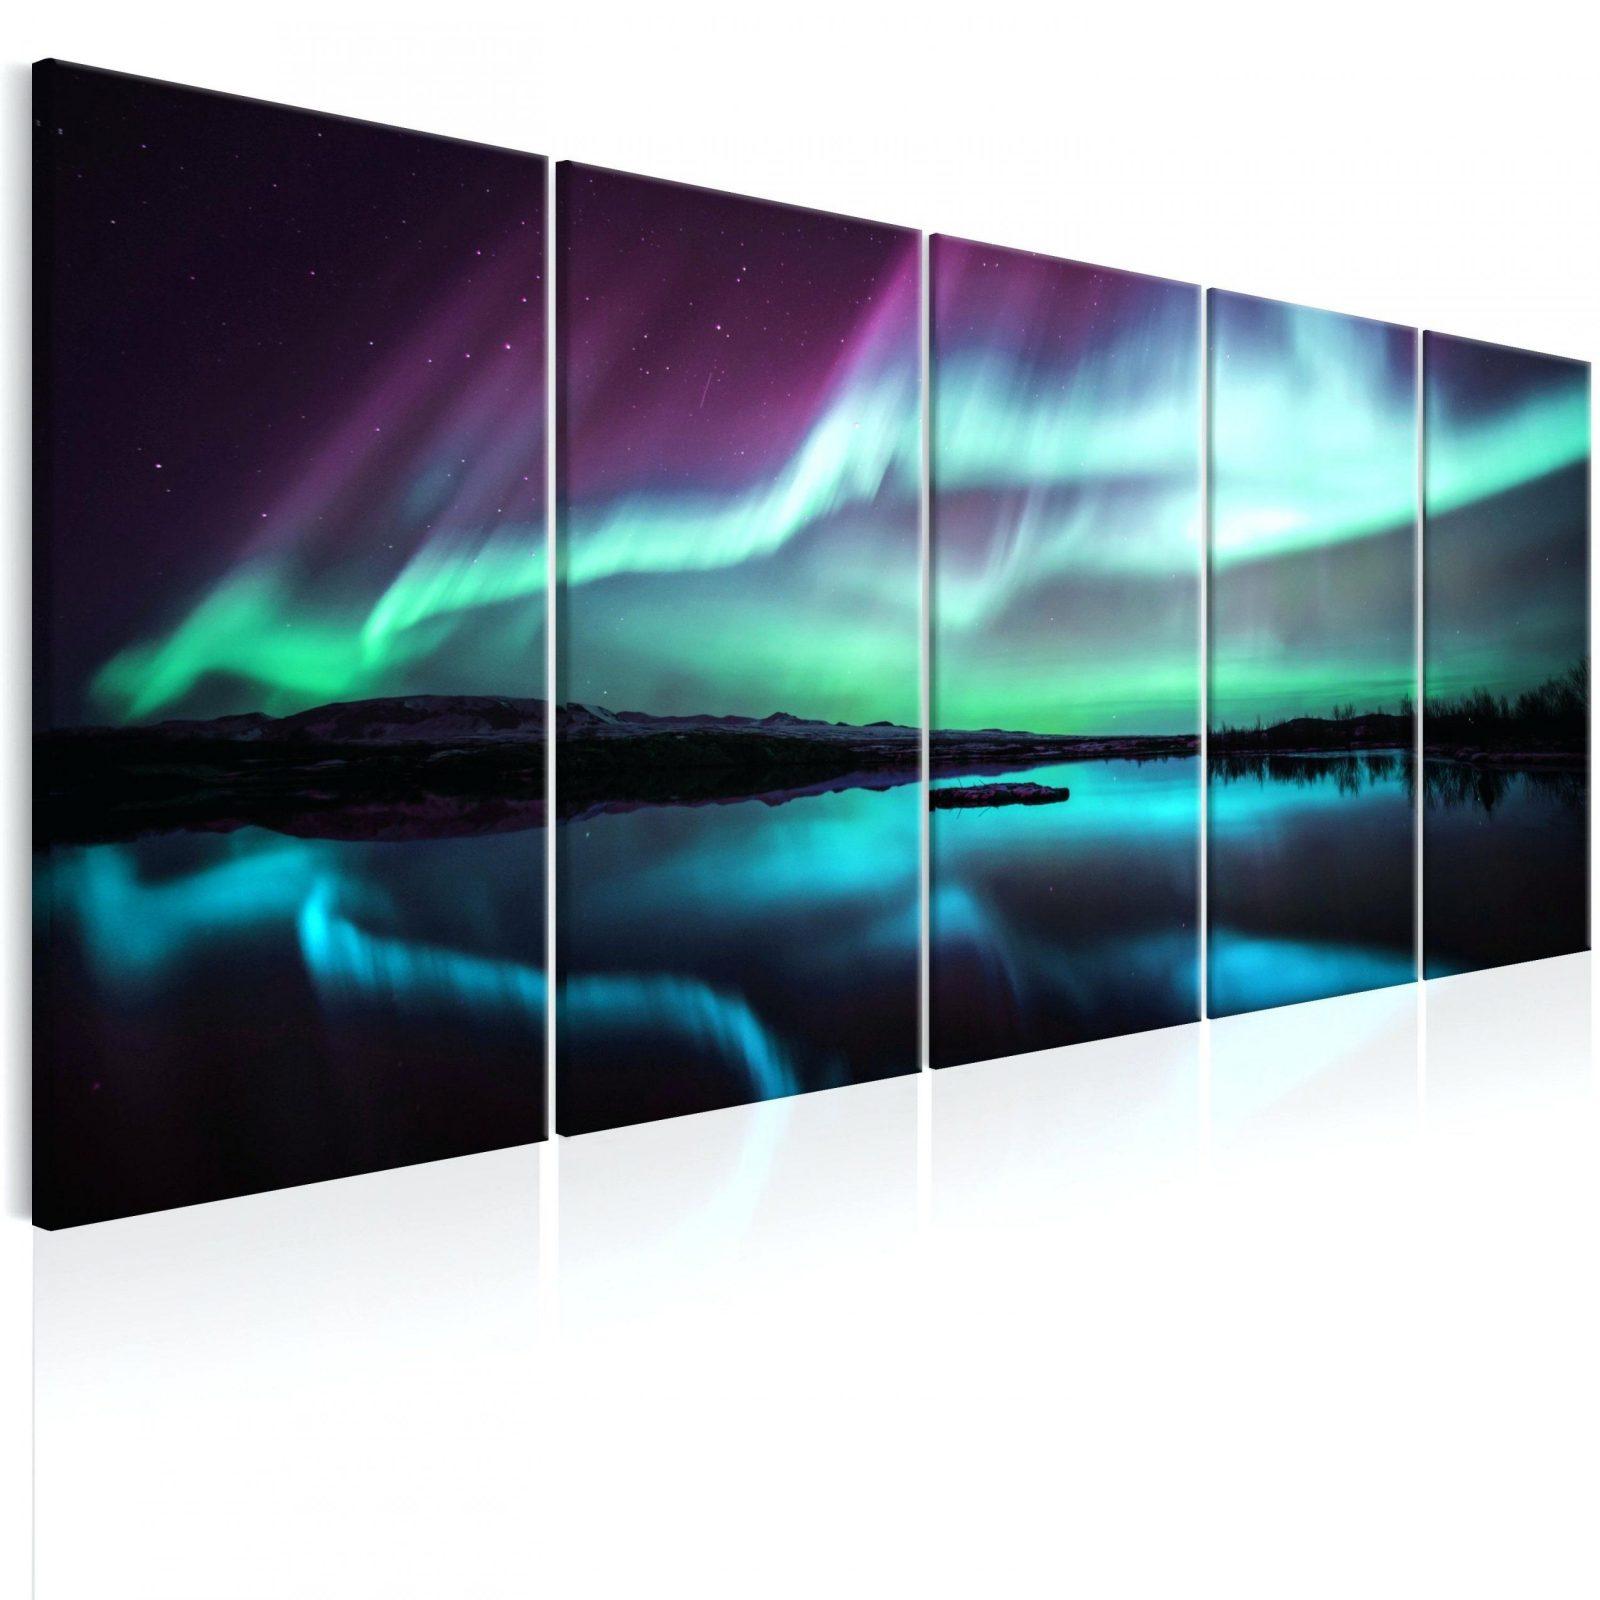 Mehrteilige Wandbilder Custom Wohnzimmer Bilder Mehrteilig Puertas Y von Leinwand Mehrteilig Selbst Gestalten Photo